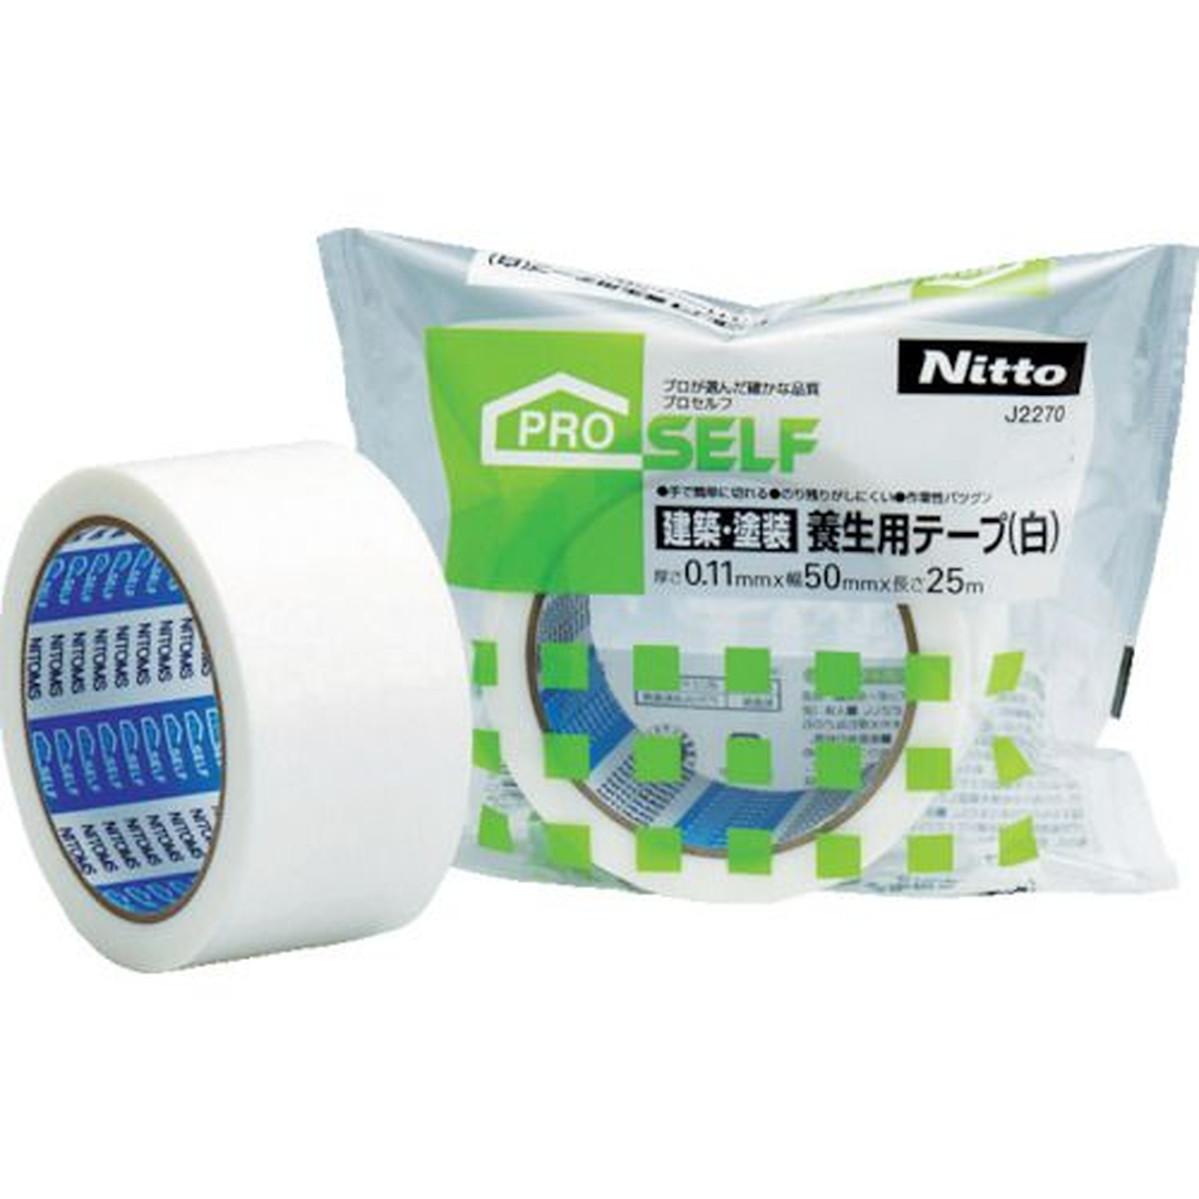 あす楽対応 DIY用品 ニトムズ 建材 塗装養生用テープ 50X25 1PK 白 休み 3巻入 至上